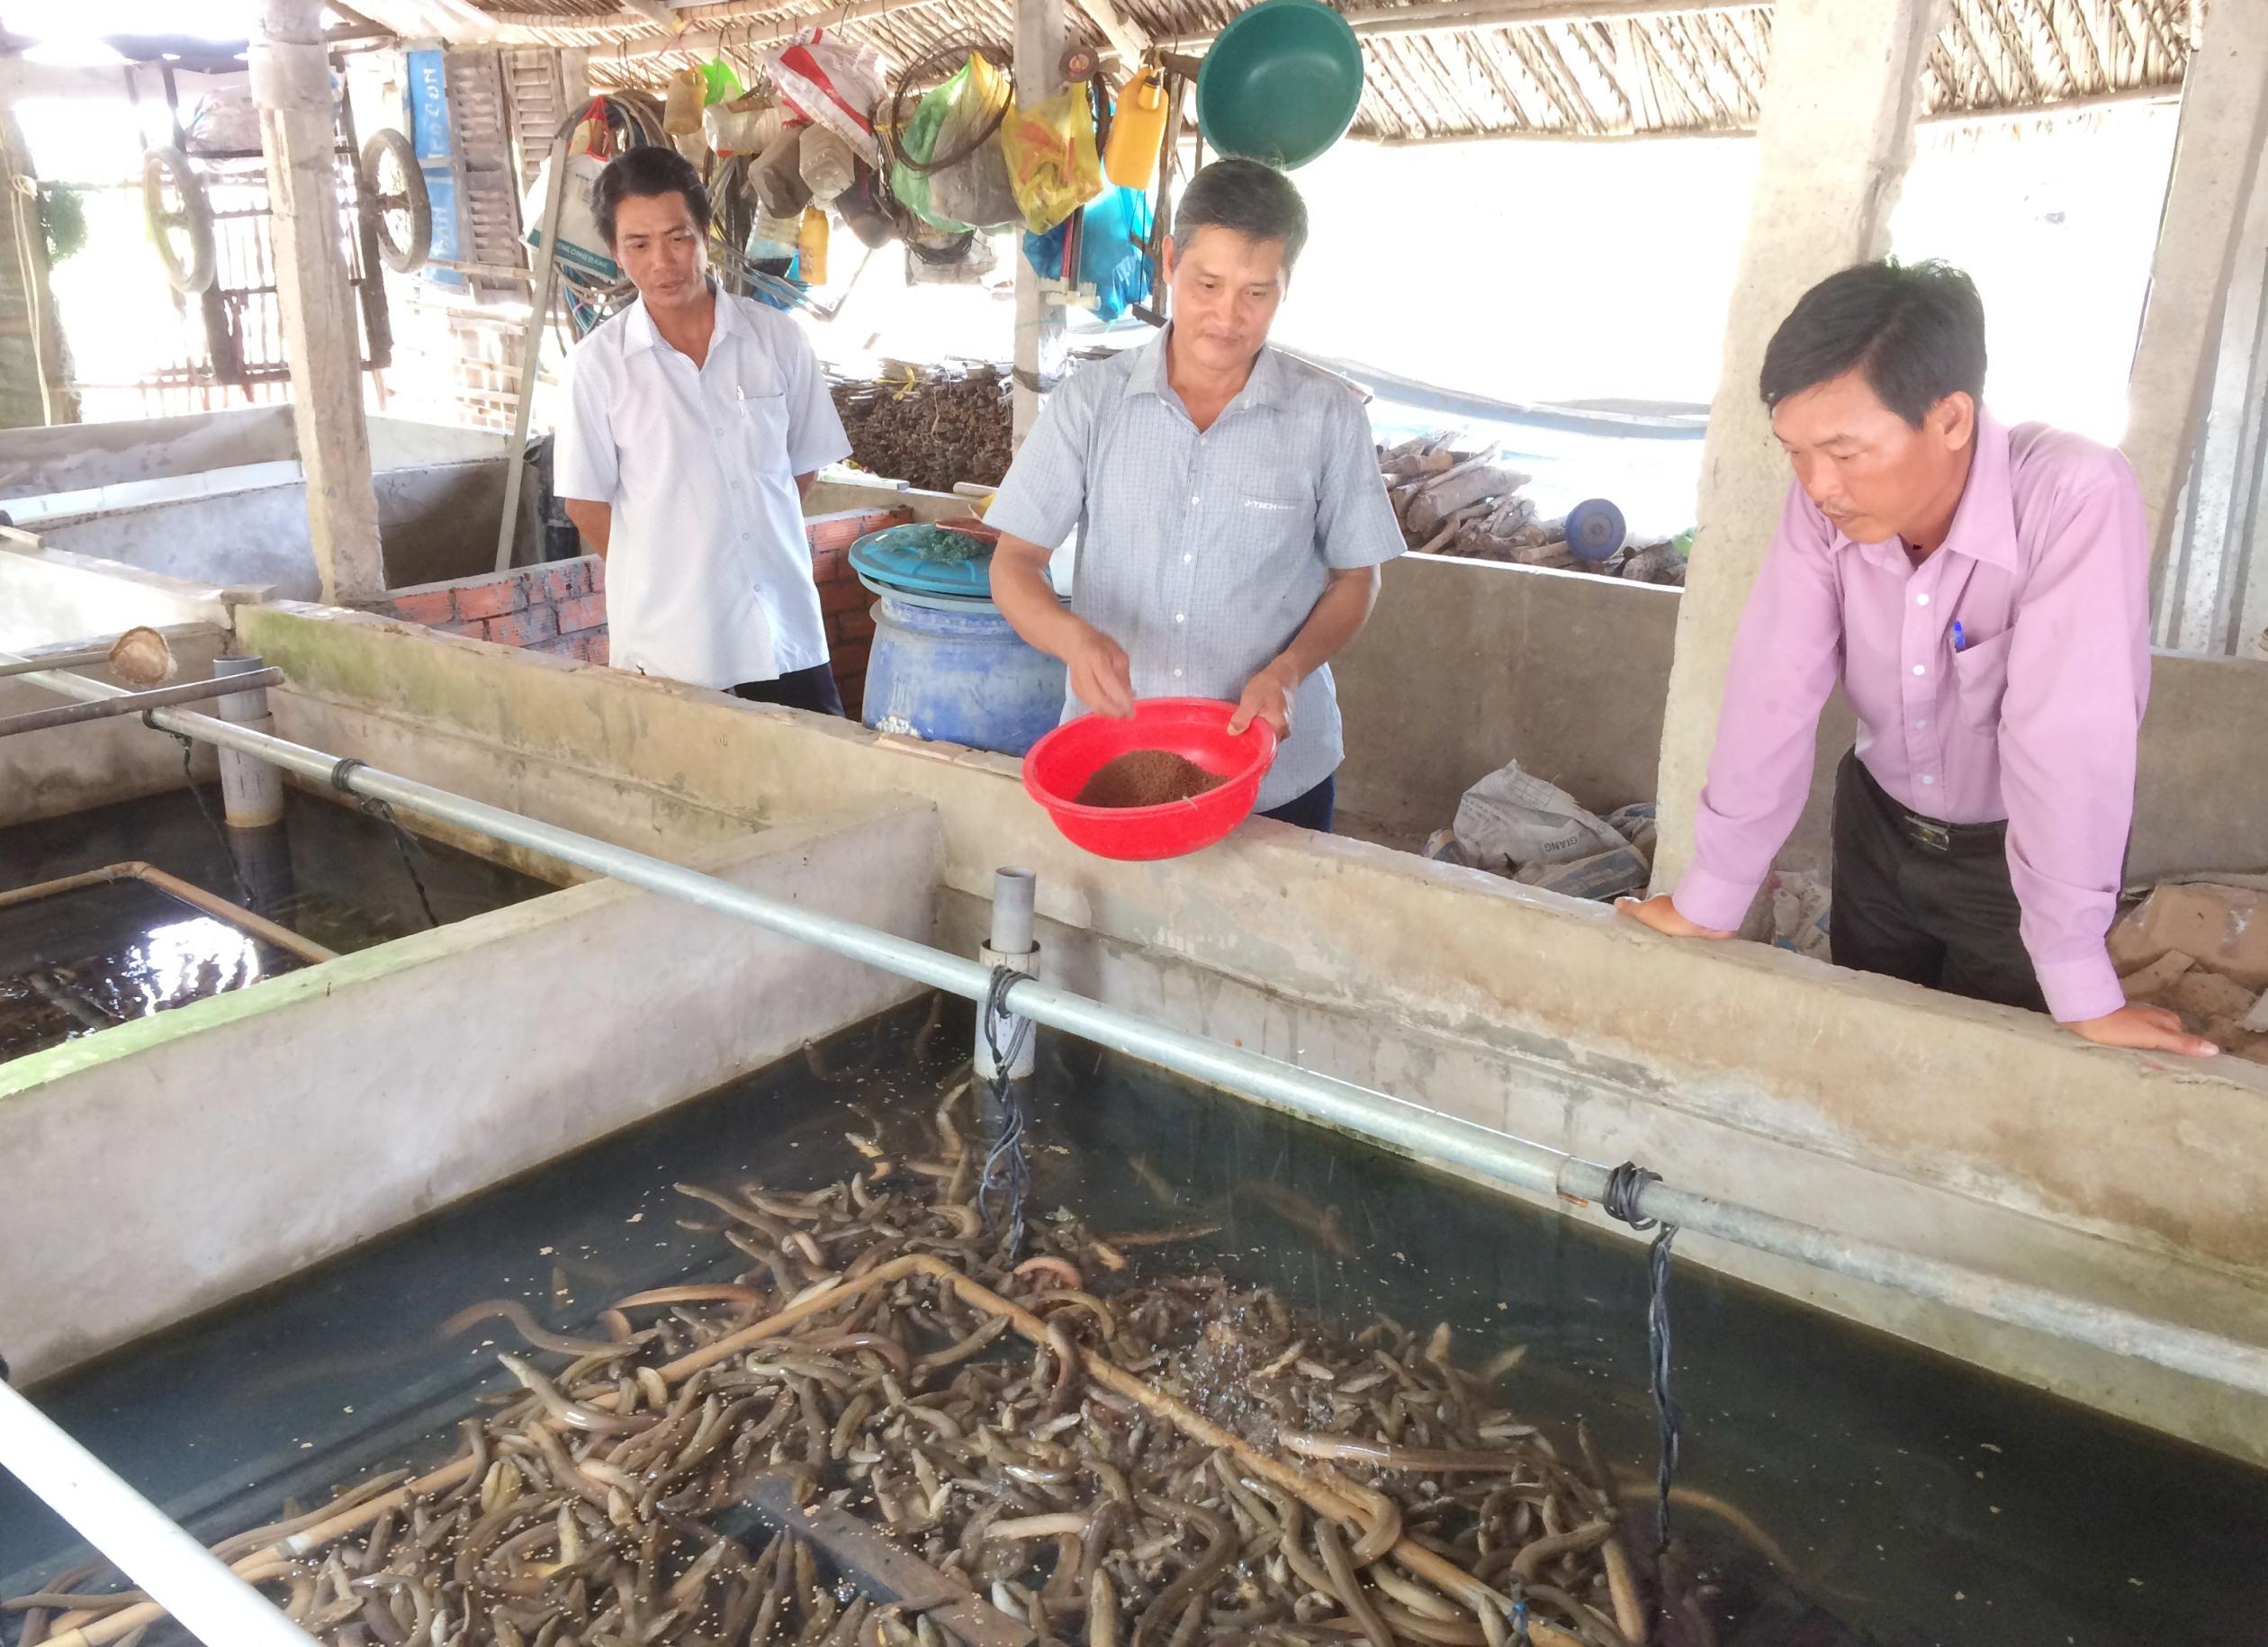 Từ nguồn quỹ hùn vốn của CCB và vốn vay ưu đãi Ngân hàng Chính sách xã hội, CCB Trần Văn Quang (đứng giữa) ở ấp 4 xã Xà Phiên (huyện Long Mỹ) thực hiện mô hình nuôi lươn không bùn cho thu nhập khá cao và ổn định, đang được Hội CCB huyện Long Mỹ nhân rộng